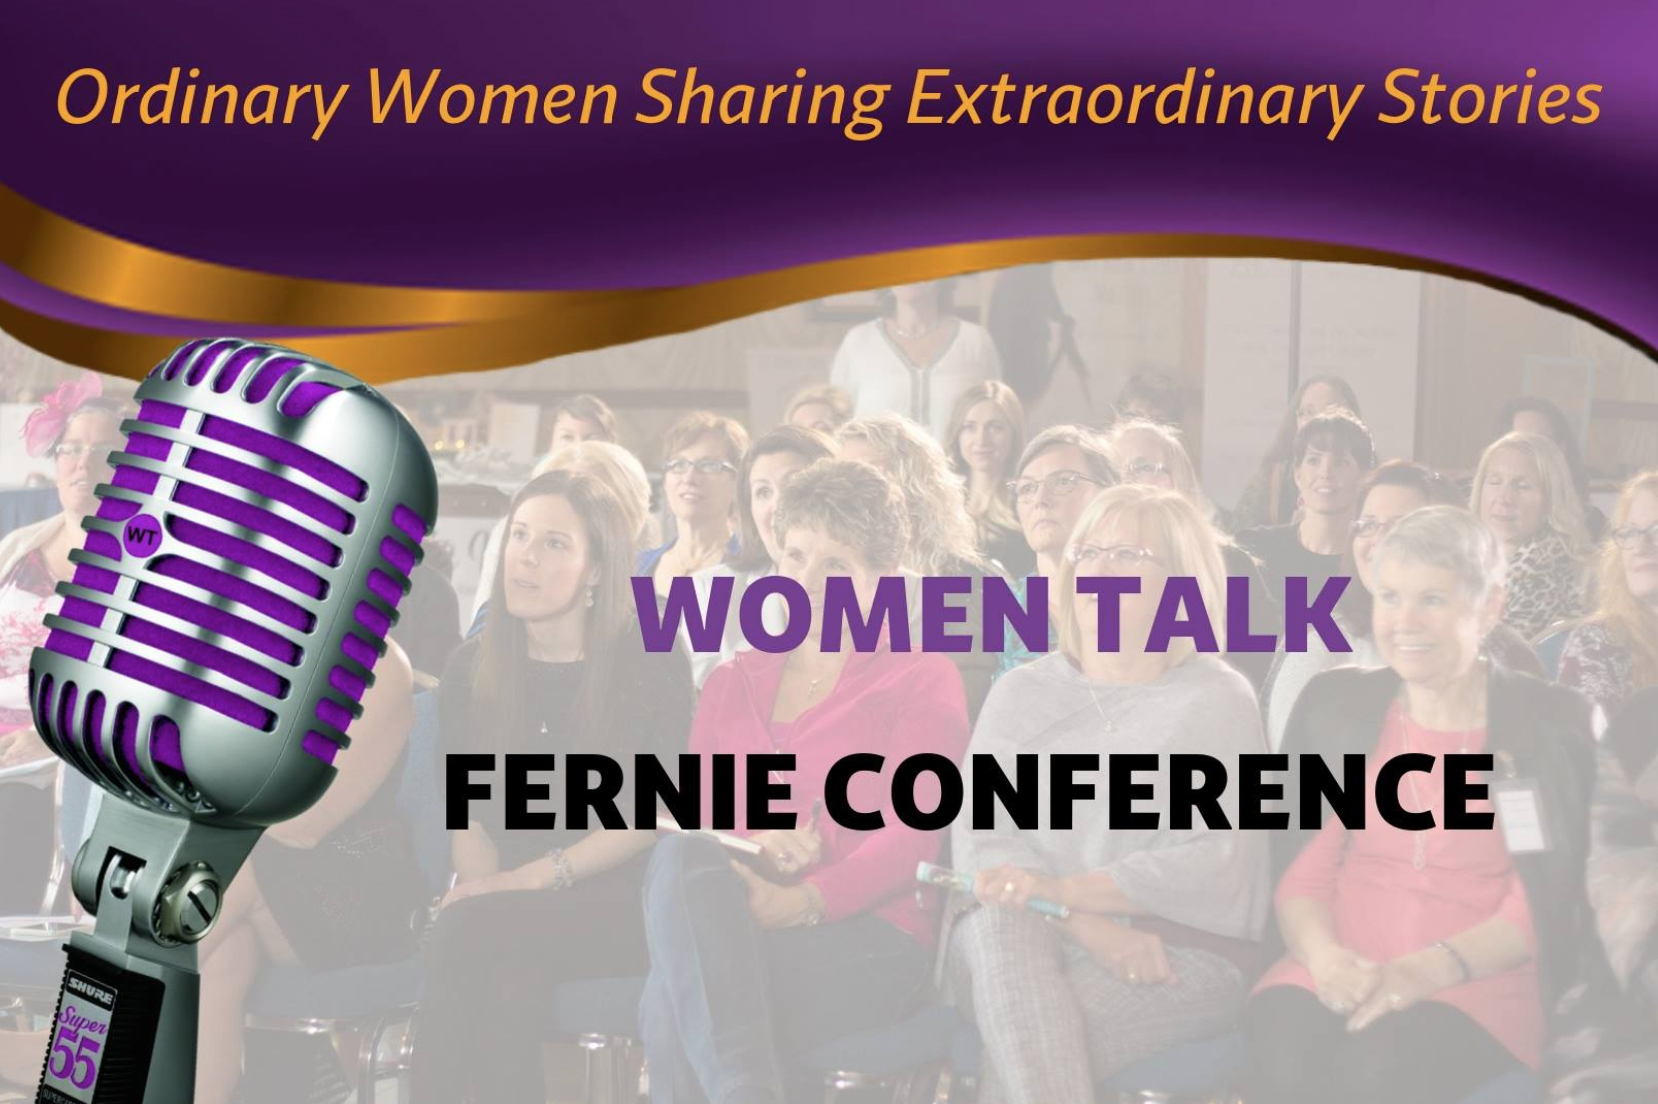 Women Talk Fernie Conference